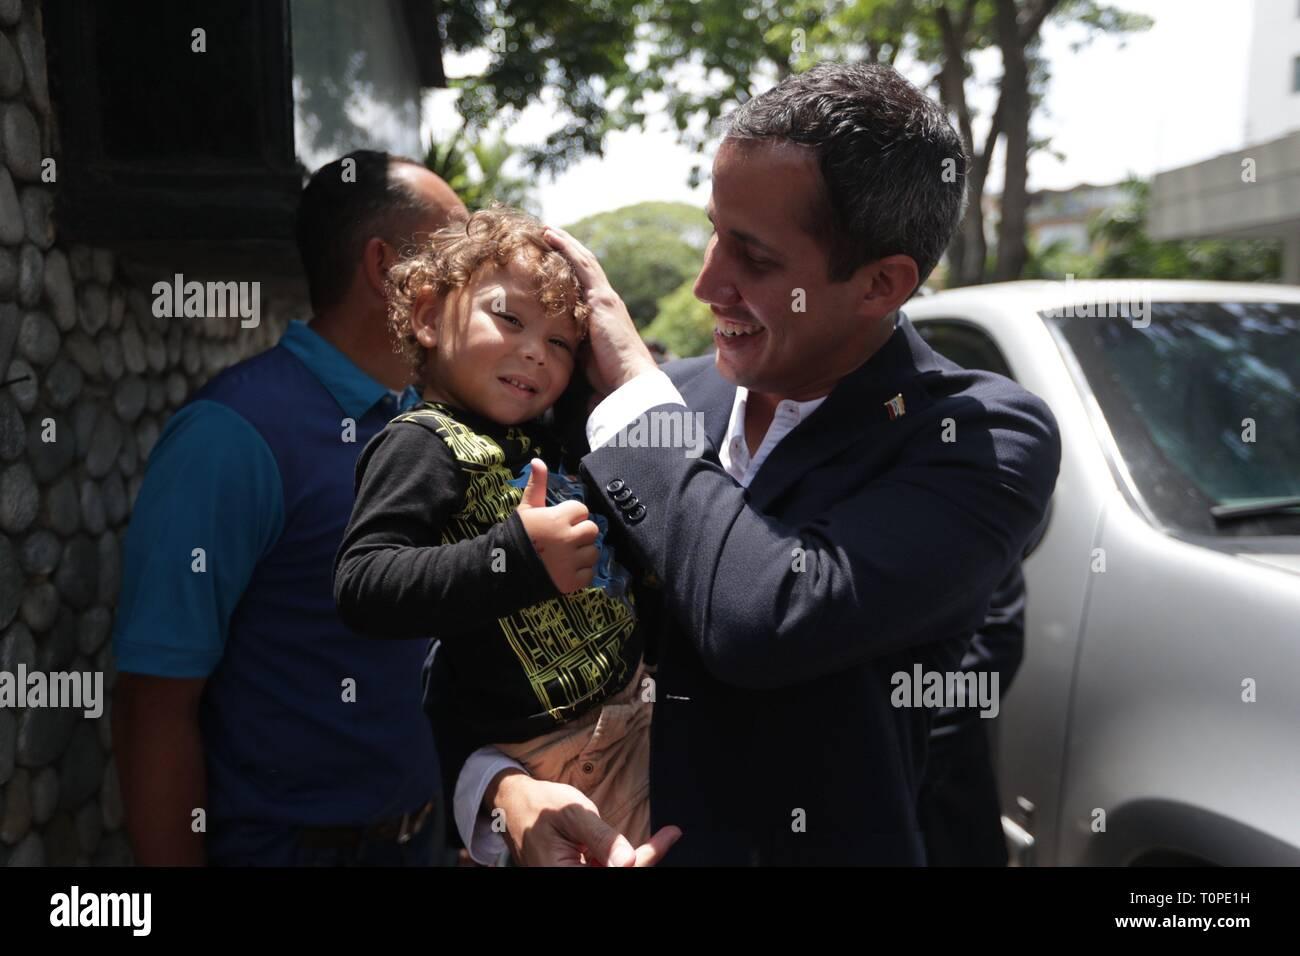 Caracas, Venezuela  21st Mar, 2019  Opposition leader Juan Guaido